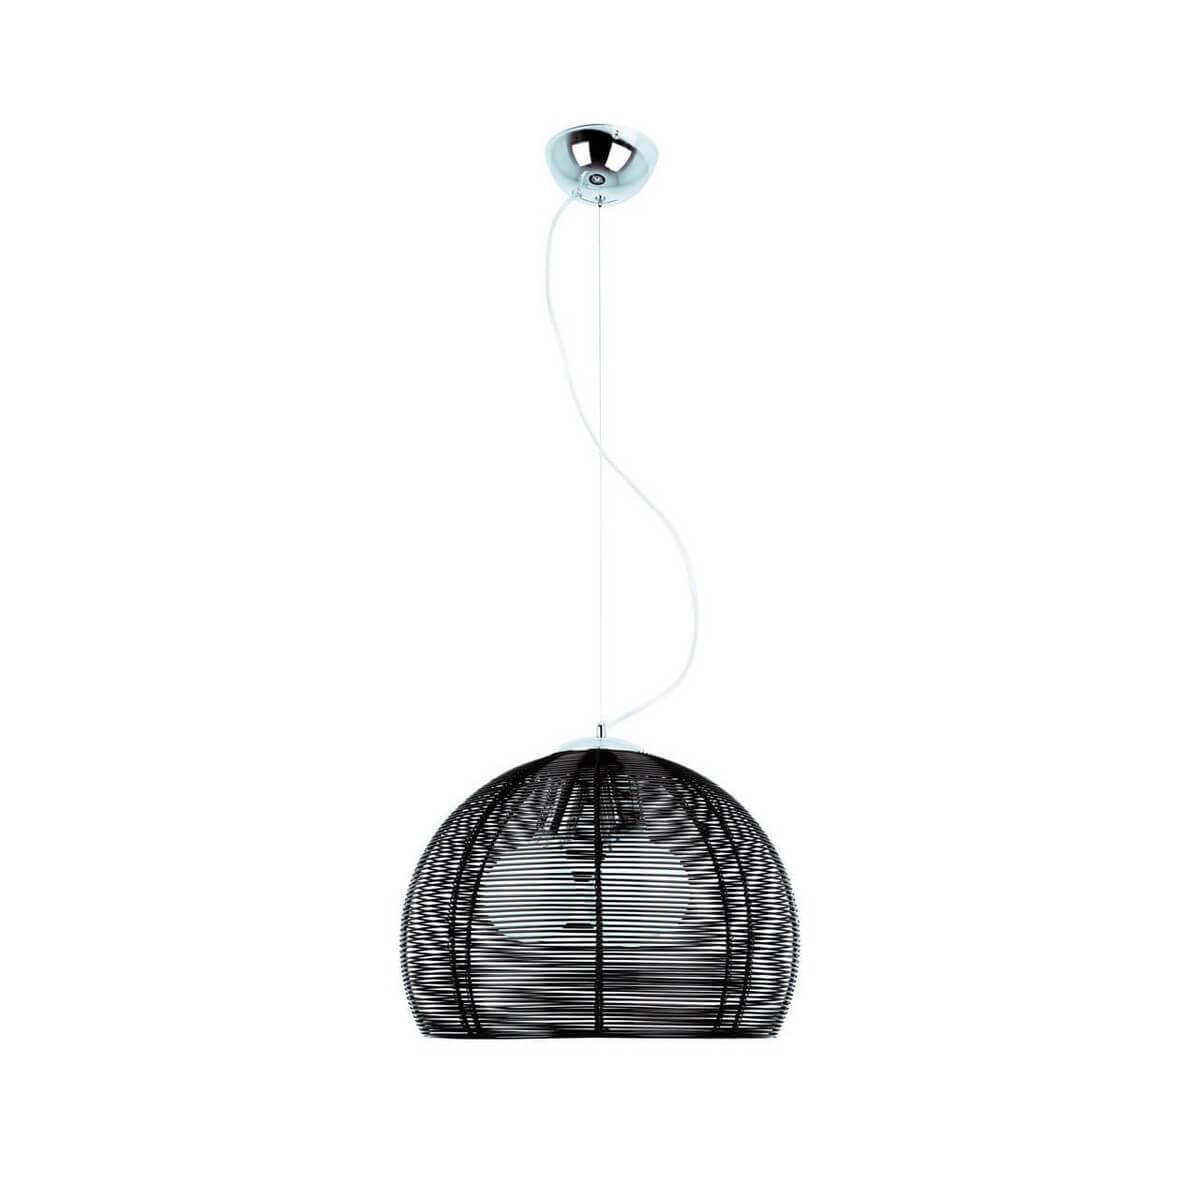 Подвесной светильник Kink Light 6071-2,19, E27, 60 Вт kink light подвесной светодиодный светильник kink light парете 08725 2